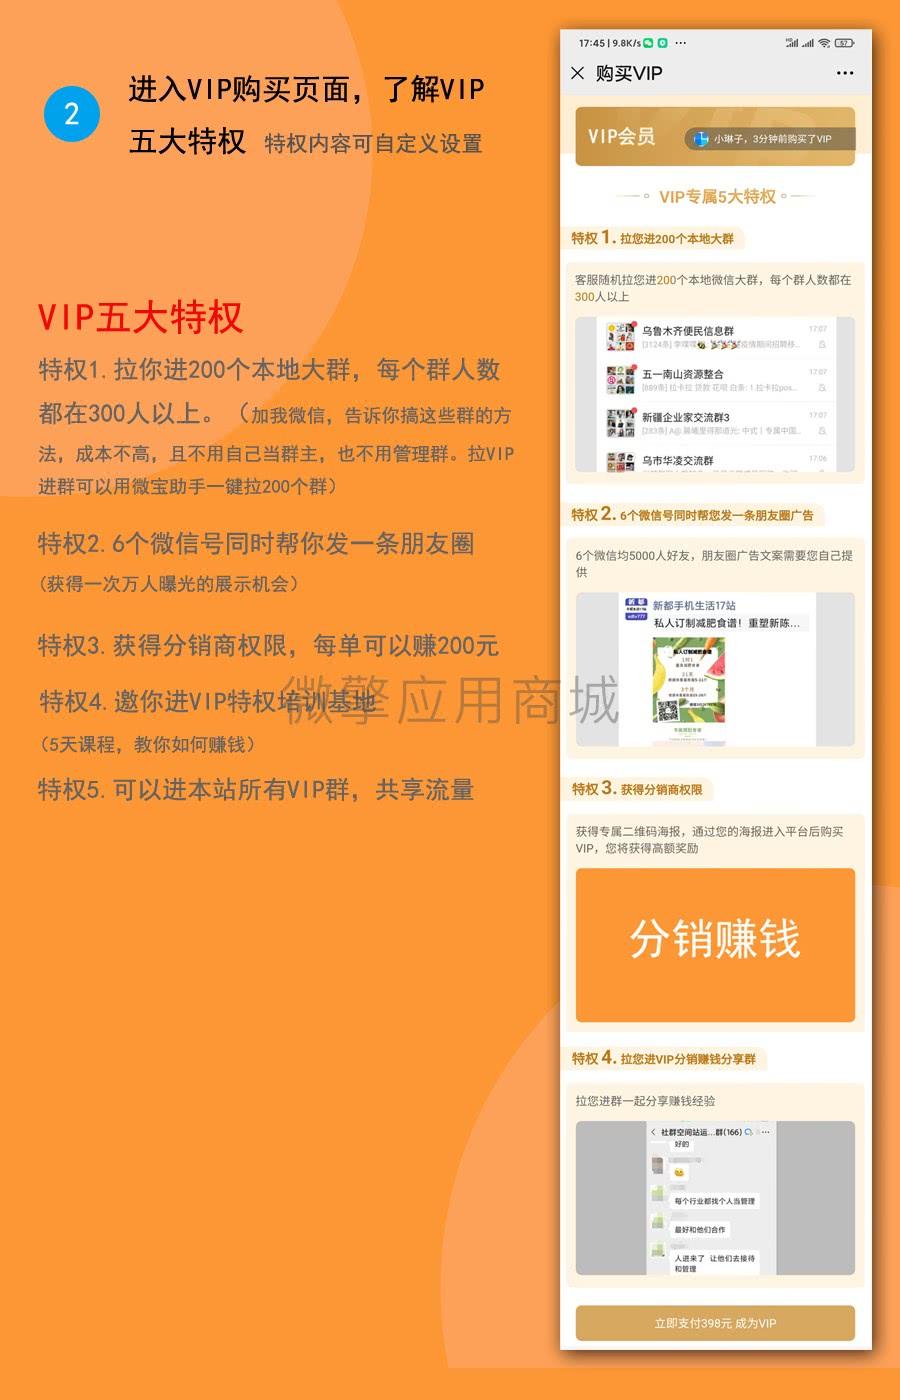 【公众号应用】社群空间站V3.5.2微信群应用系统,后台增加一处备注 公众号应用 第11张